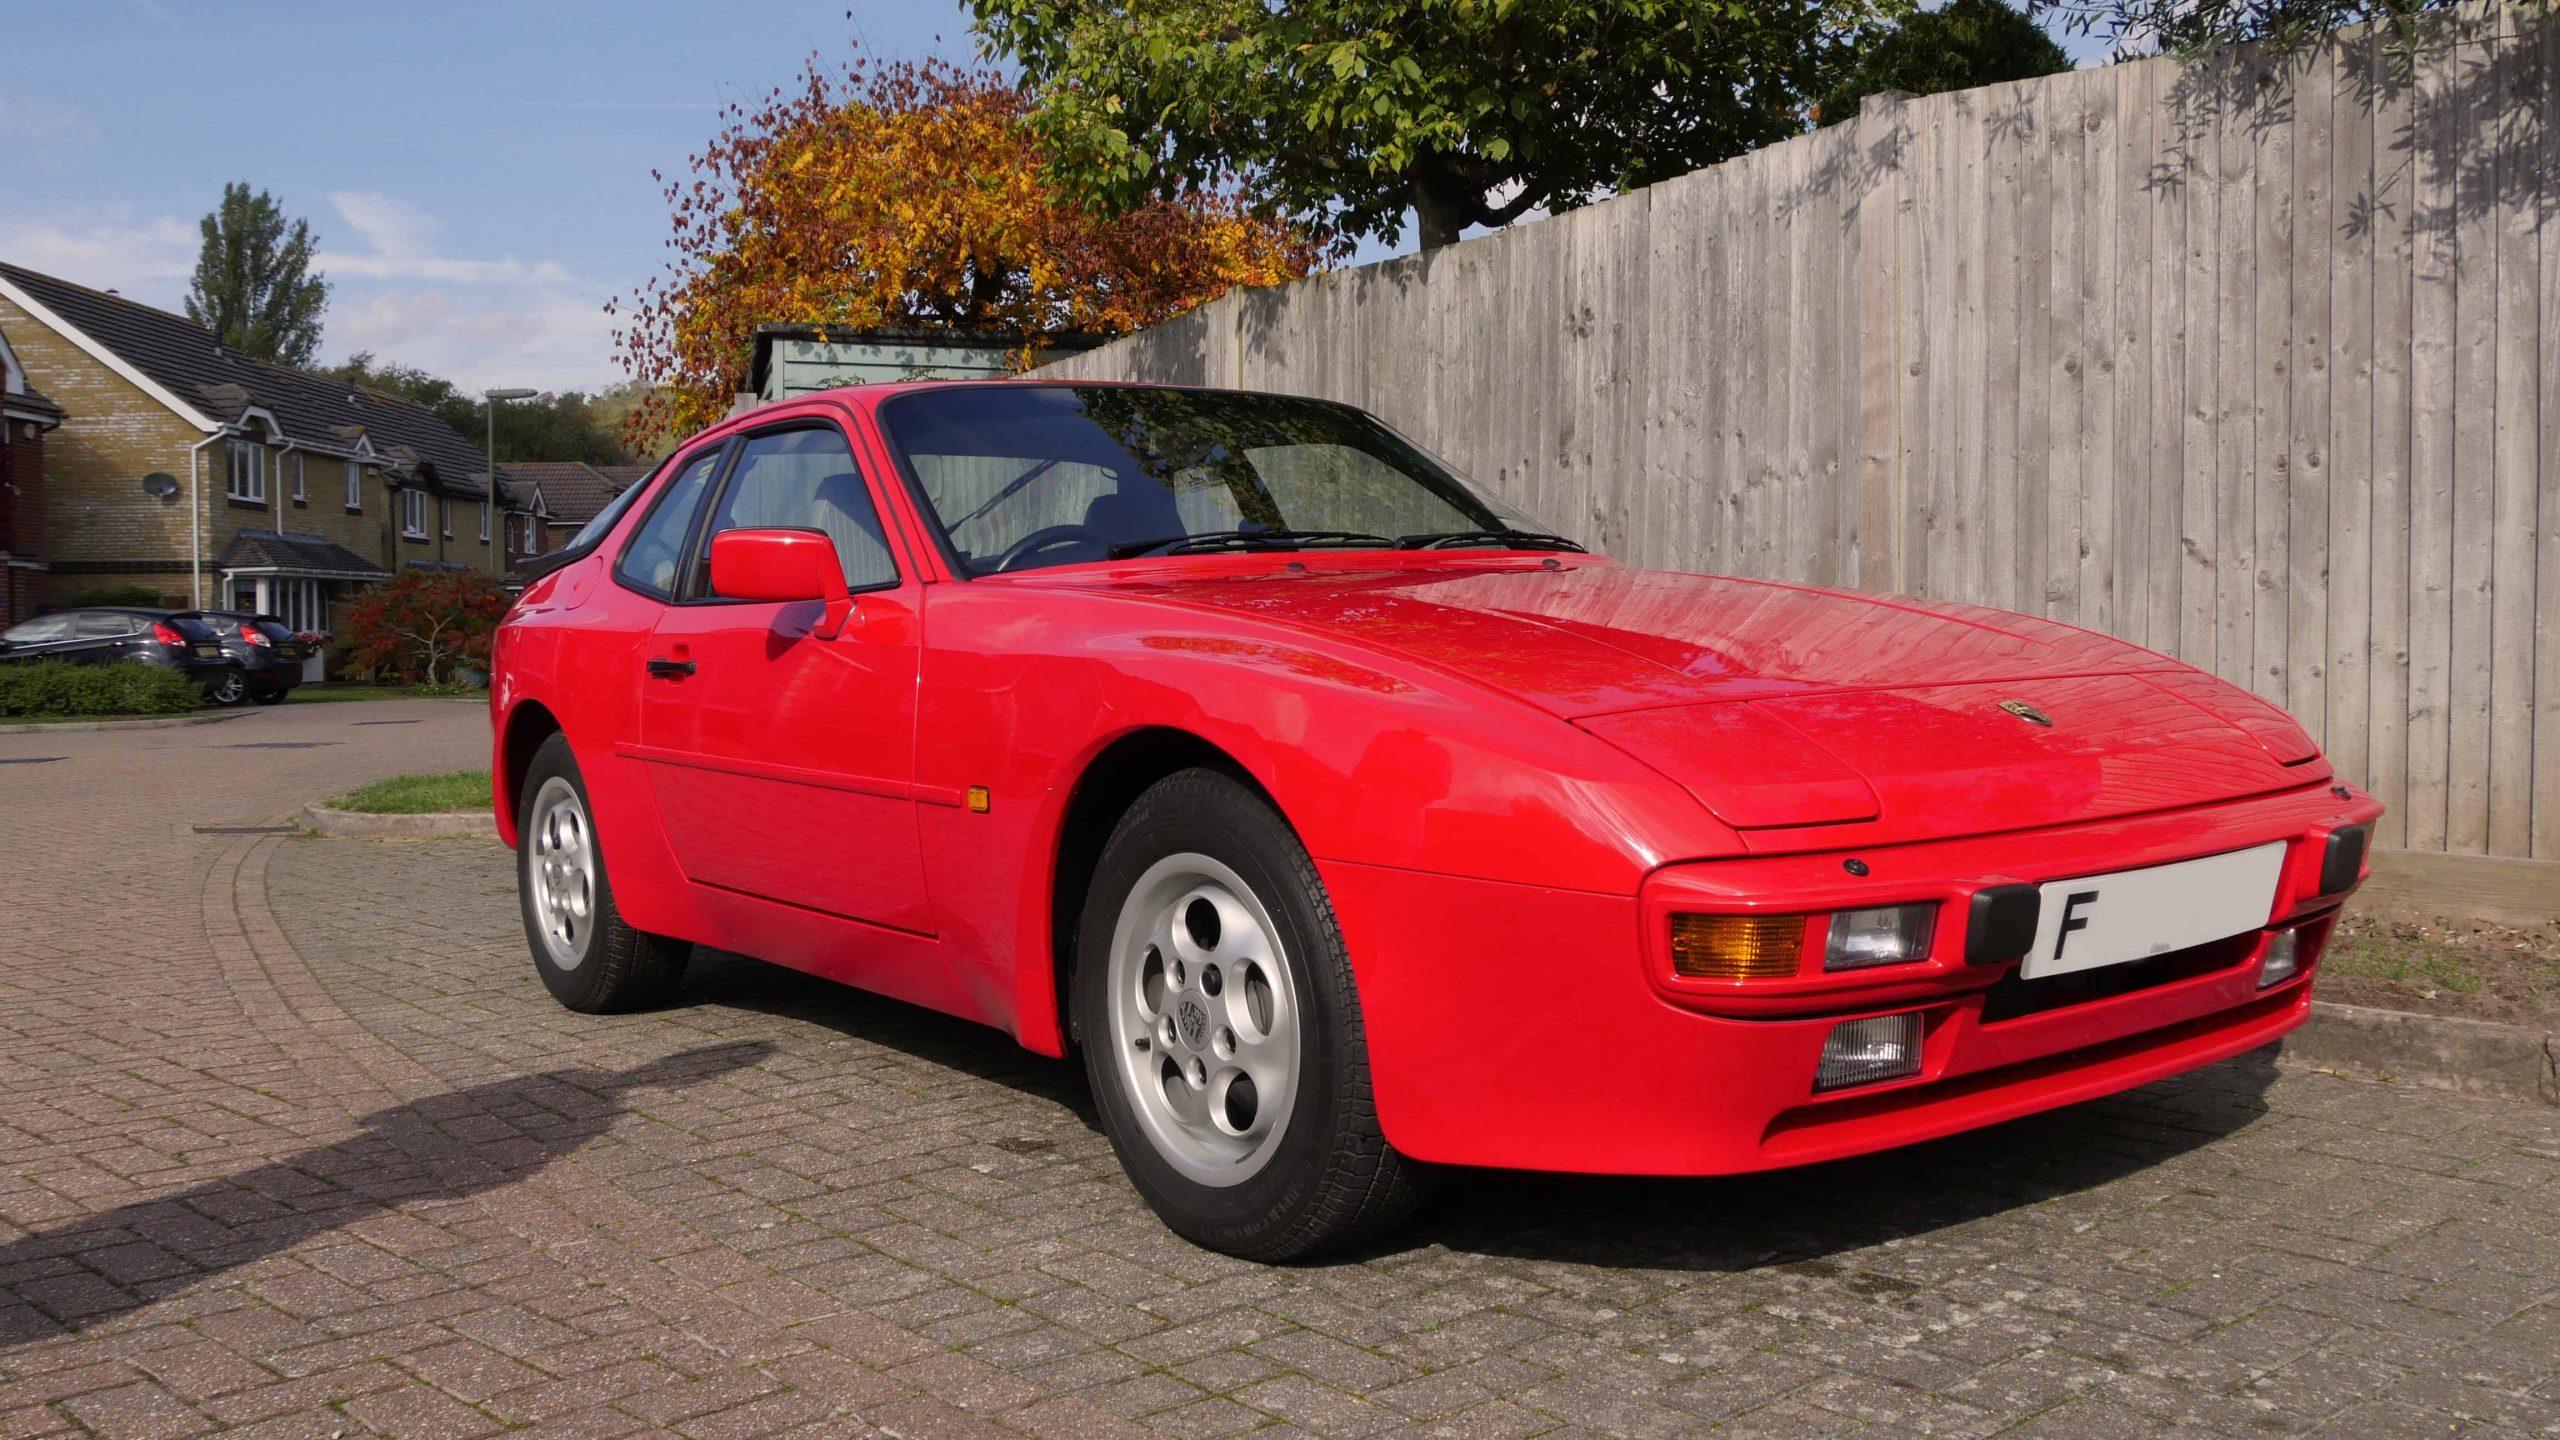 1988 Porsche 944 8 Valve Lux full